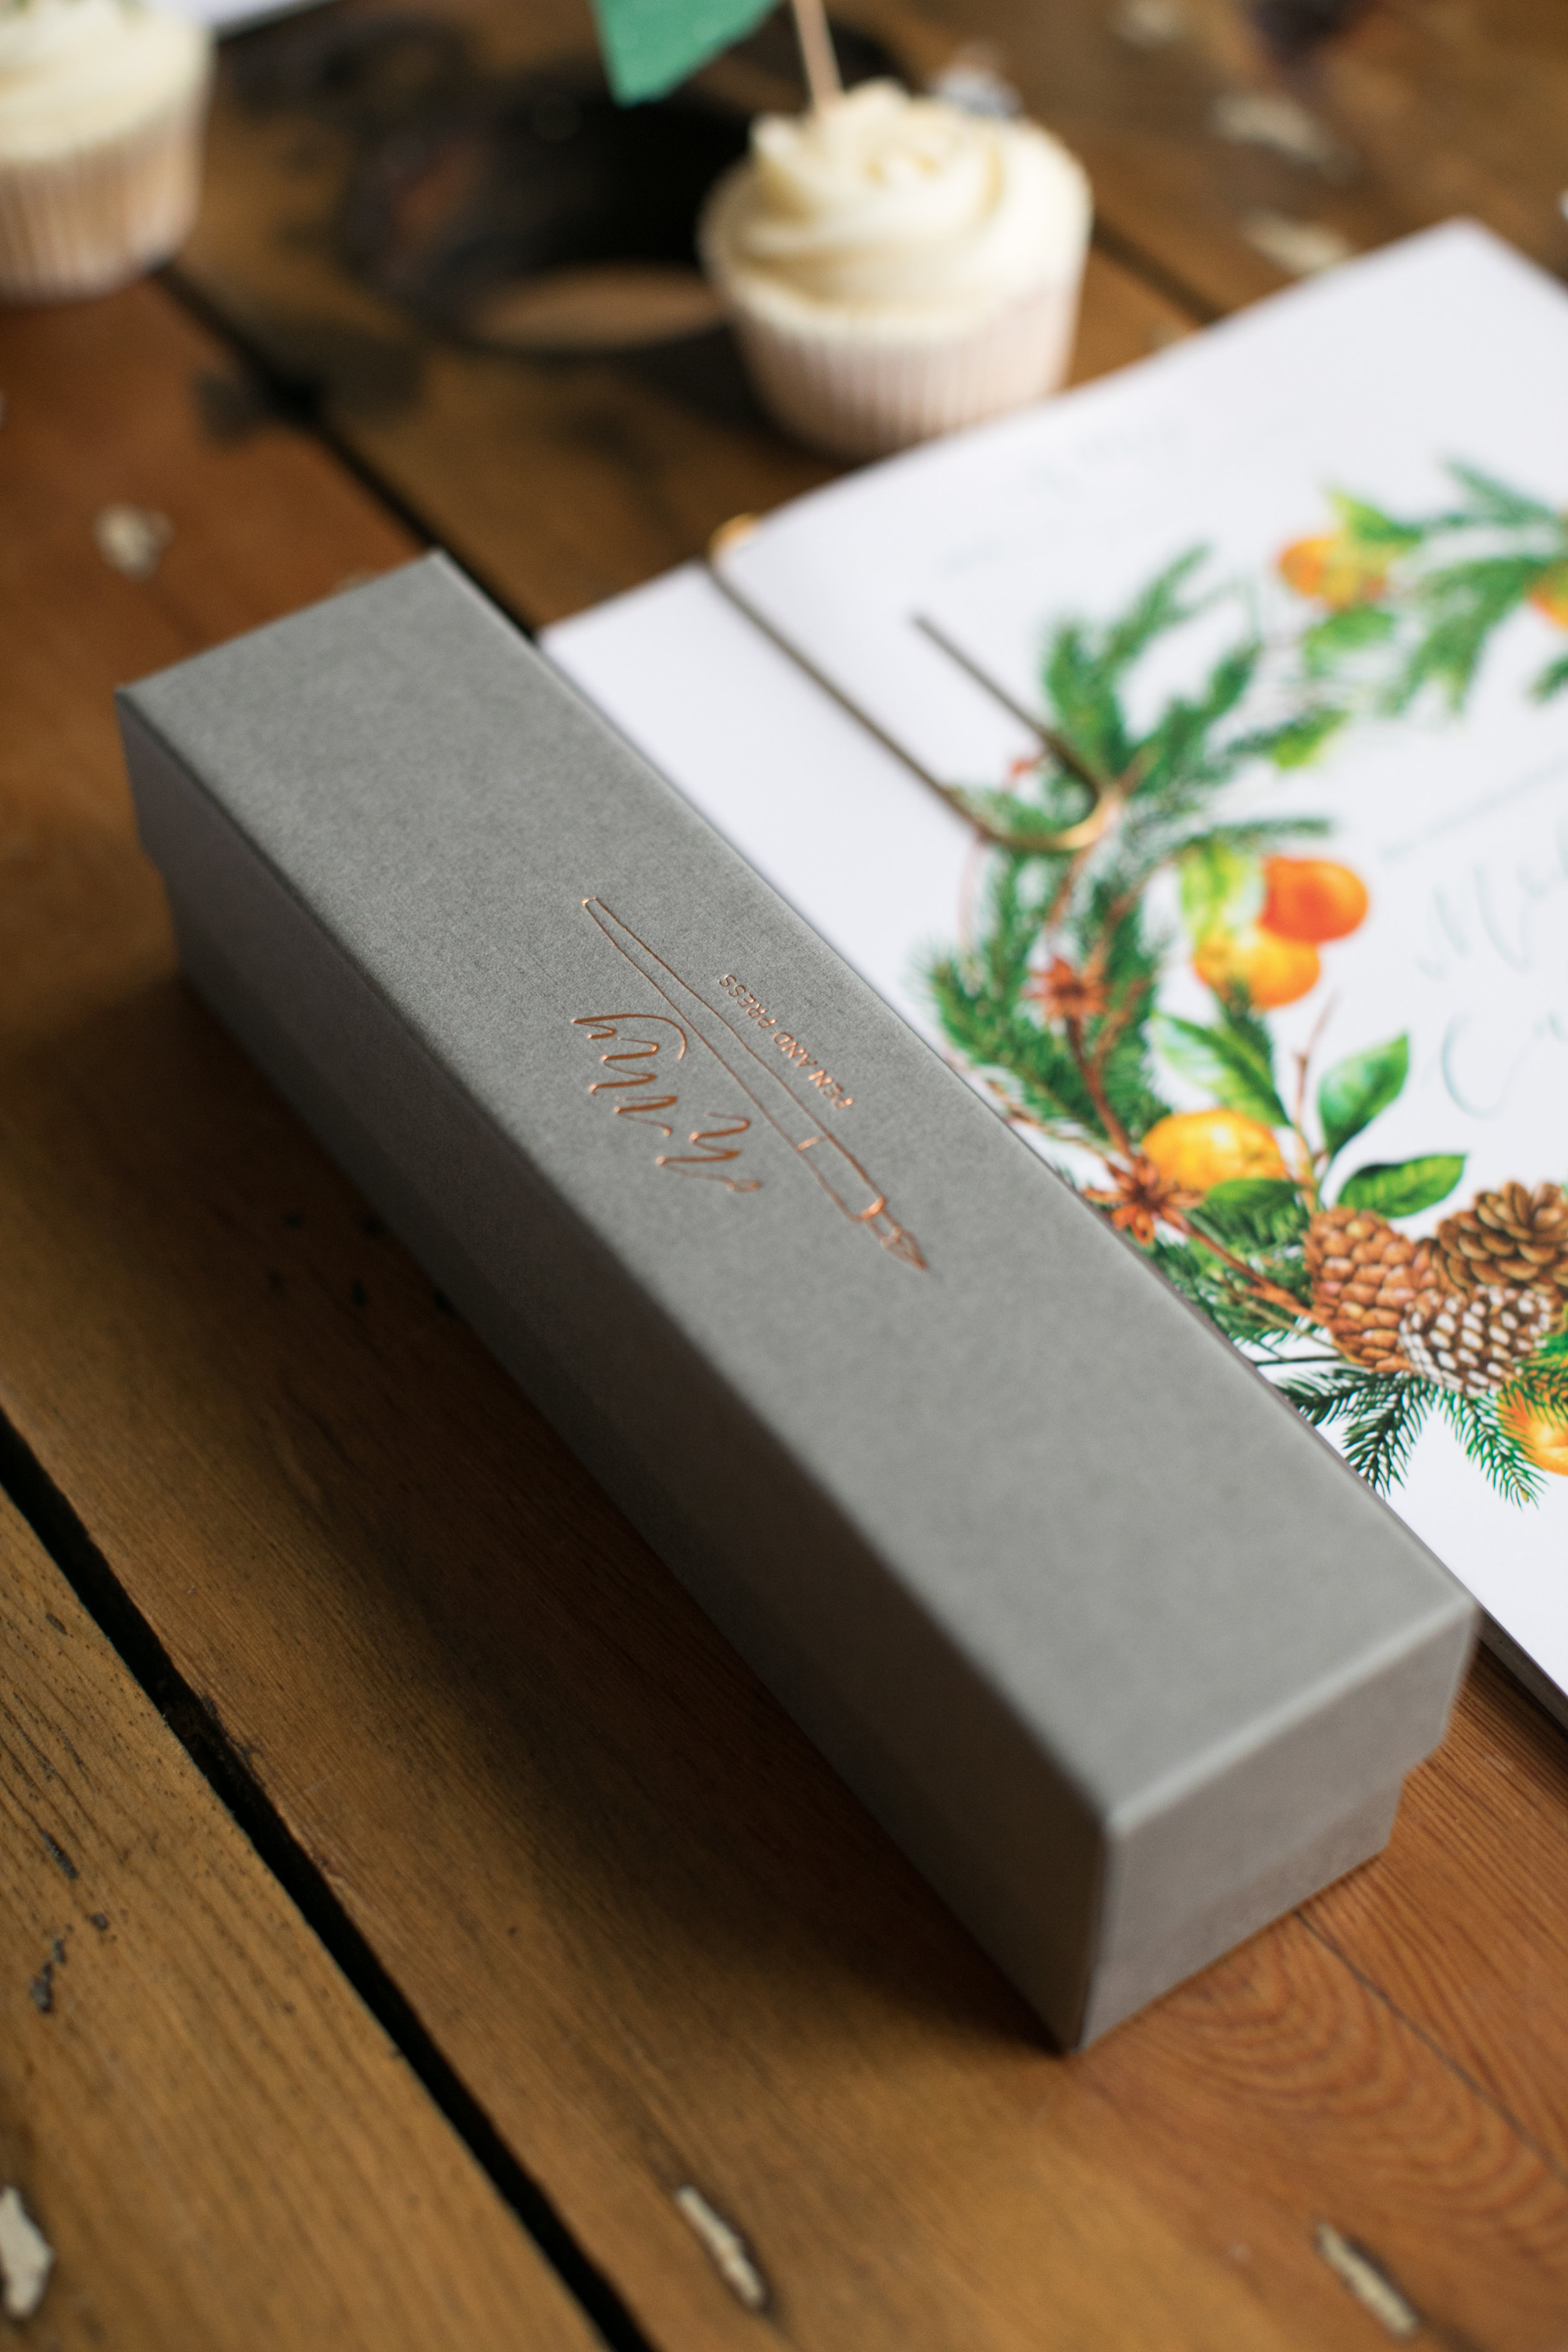 Hot foil branded boxes